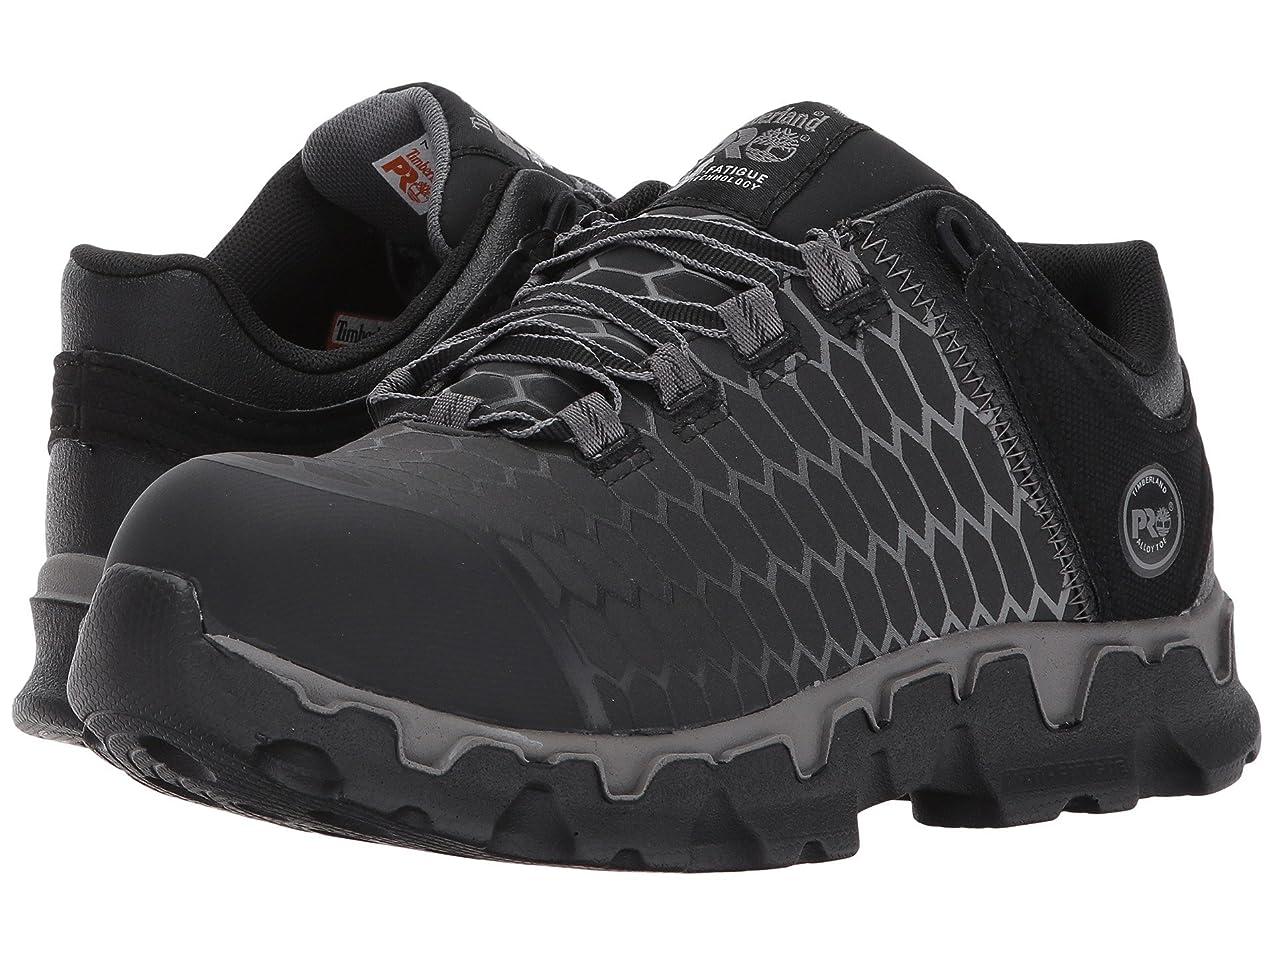 日記悲劇的な太字[ティンバーランド] レディースウォーキングシューズ?カジュアルスニーカー?靴 Powertrain Sport Alloy Safety Toe EH Black Raptek 9.5 (26.5cm) B - Medium [並行輸入品]